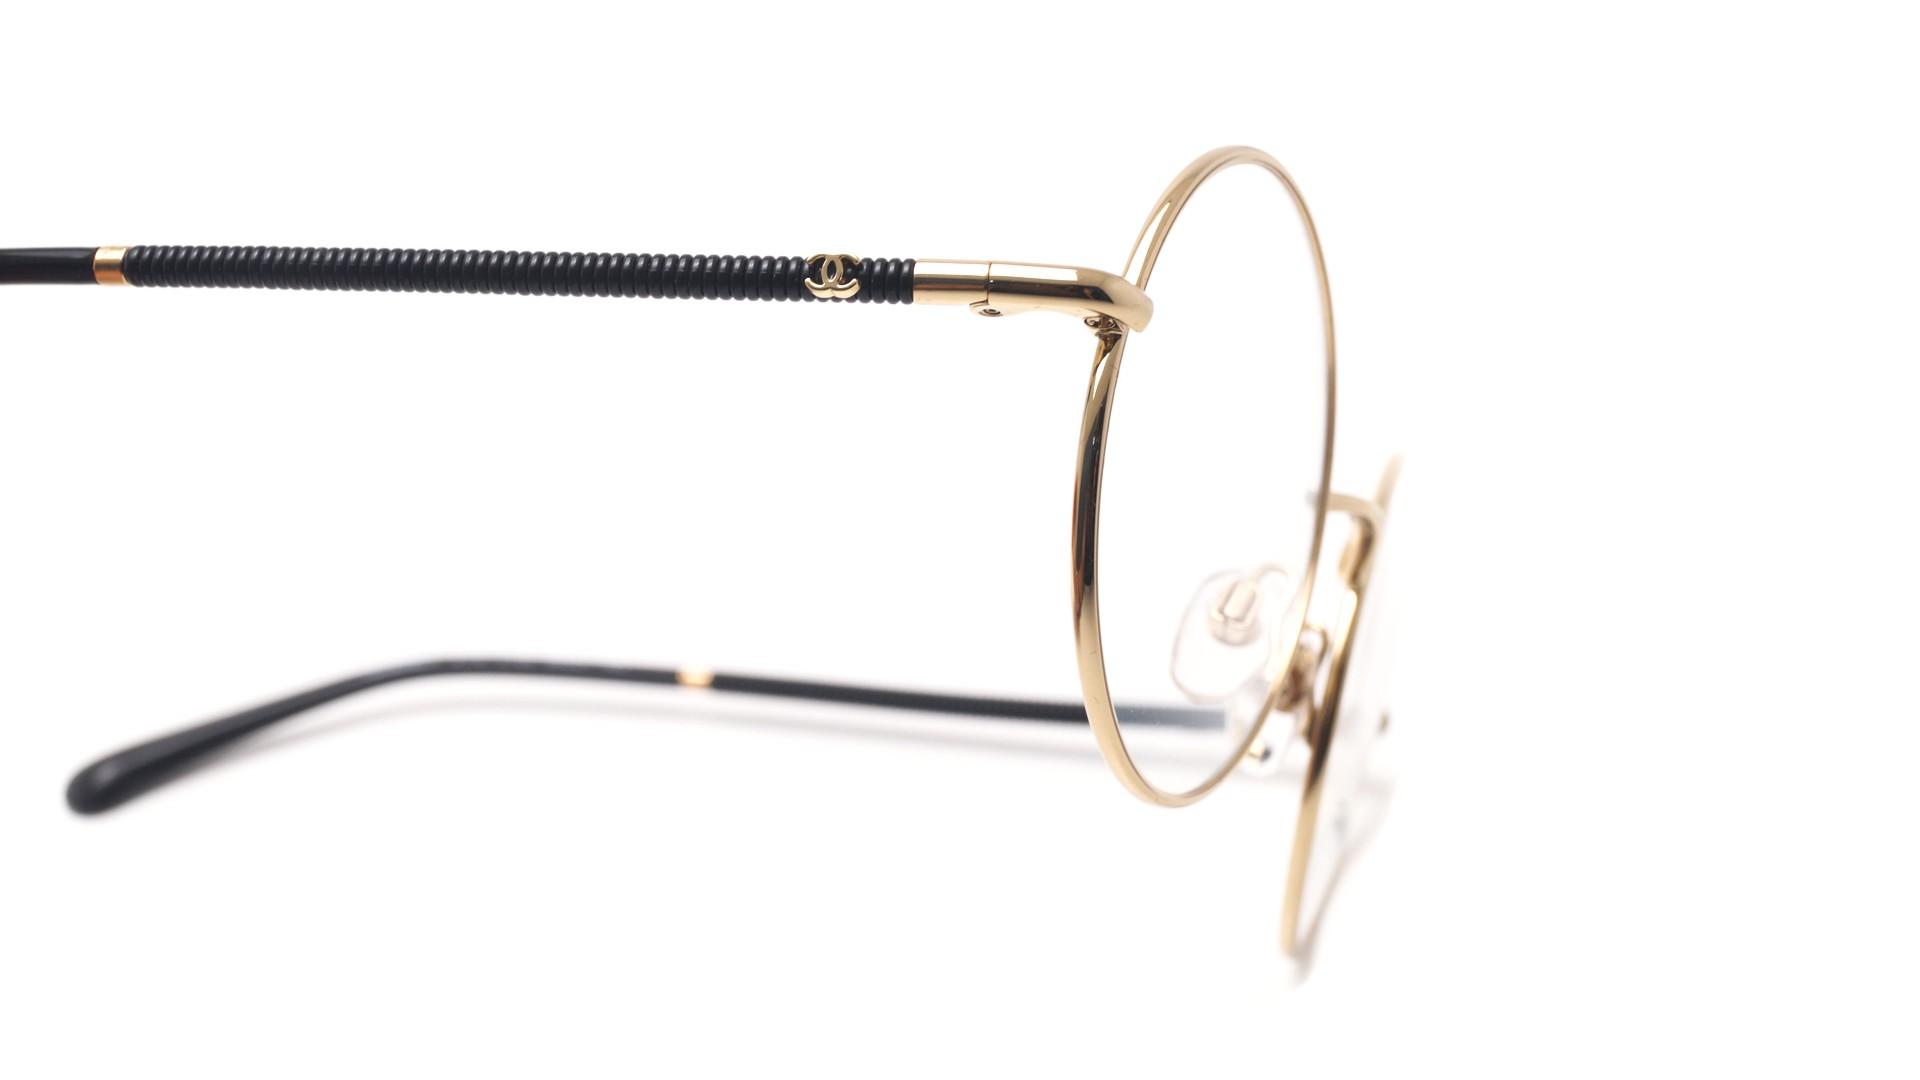 8b635b89ff3 Eyeglasses Chanel CH2179 C125 48-21 Gold Small